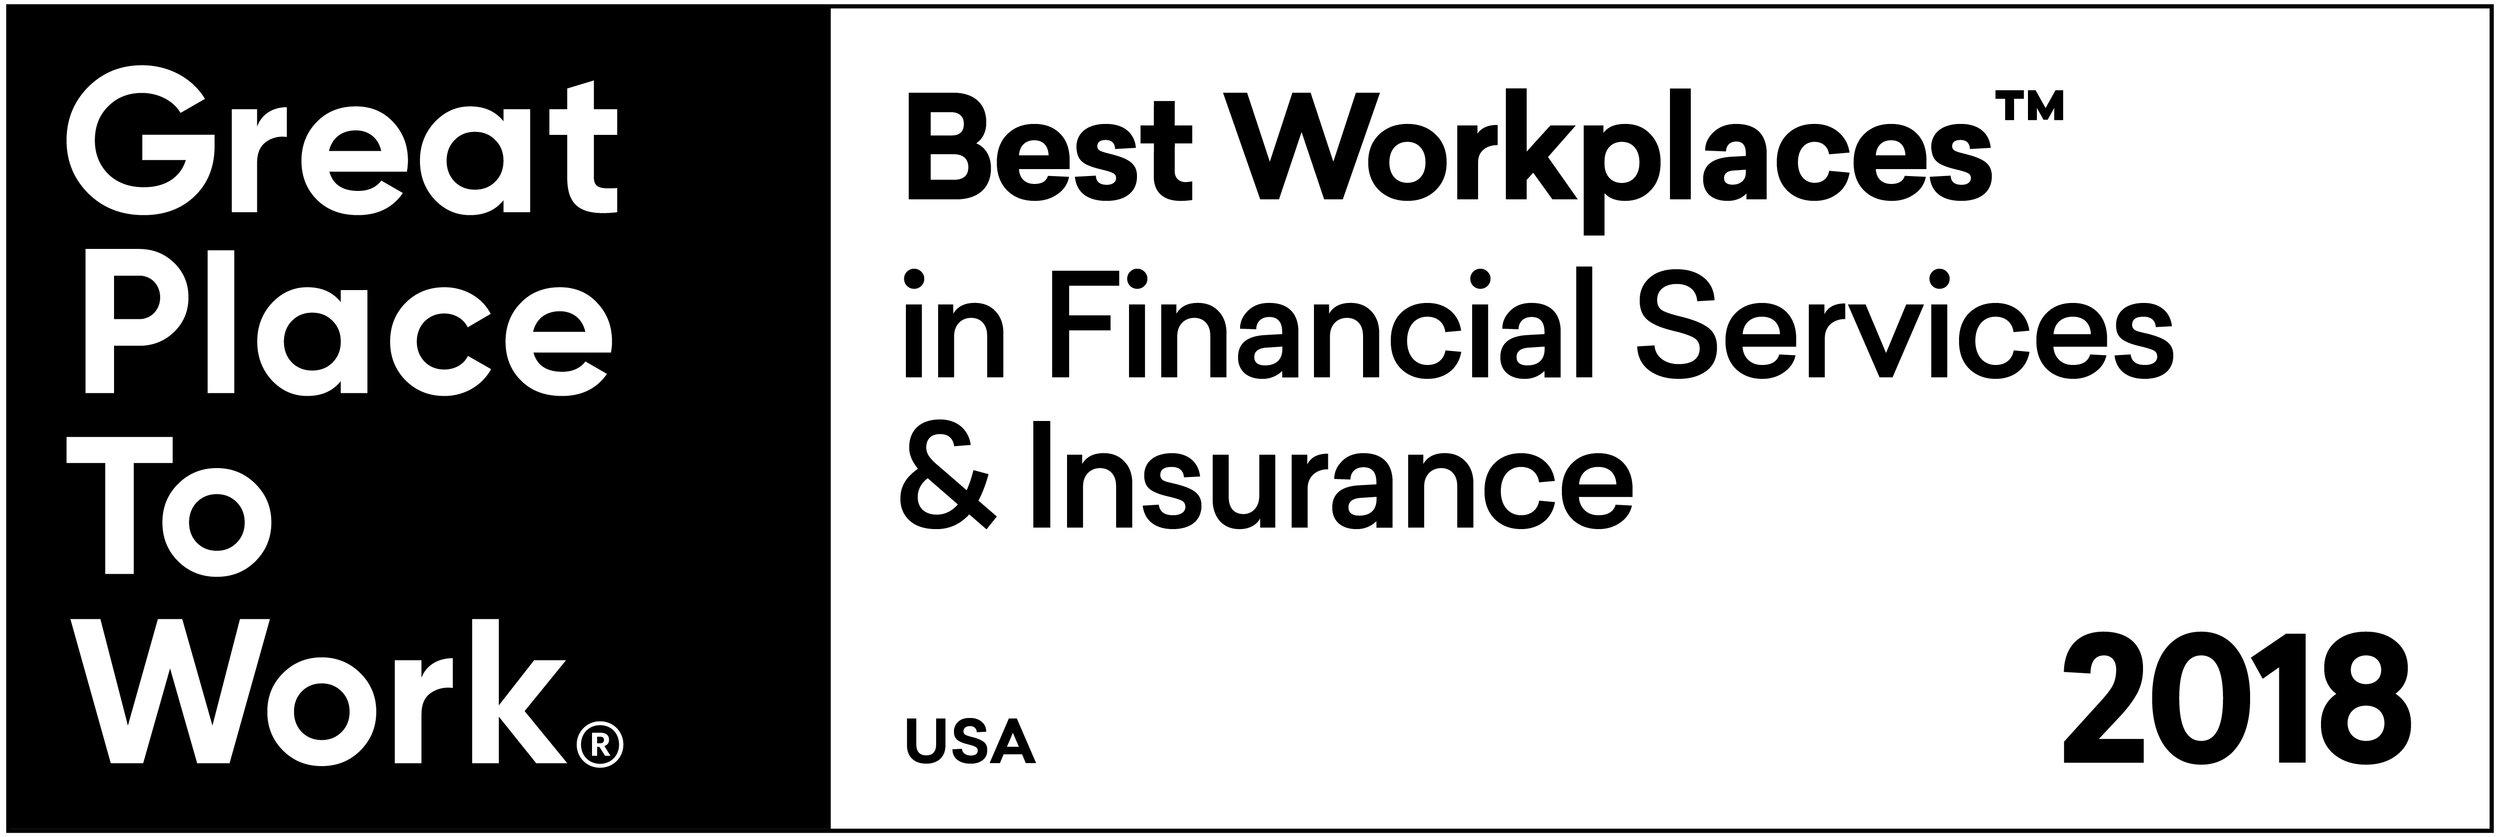 gptw_list_badge_financial_2018_rgb_BW.jpg